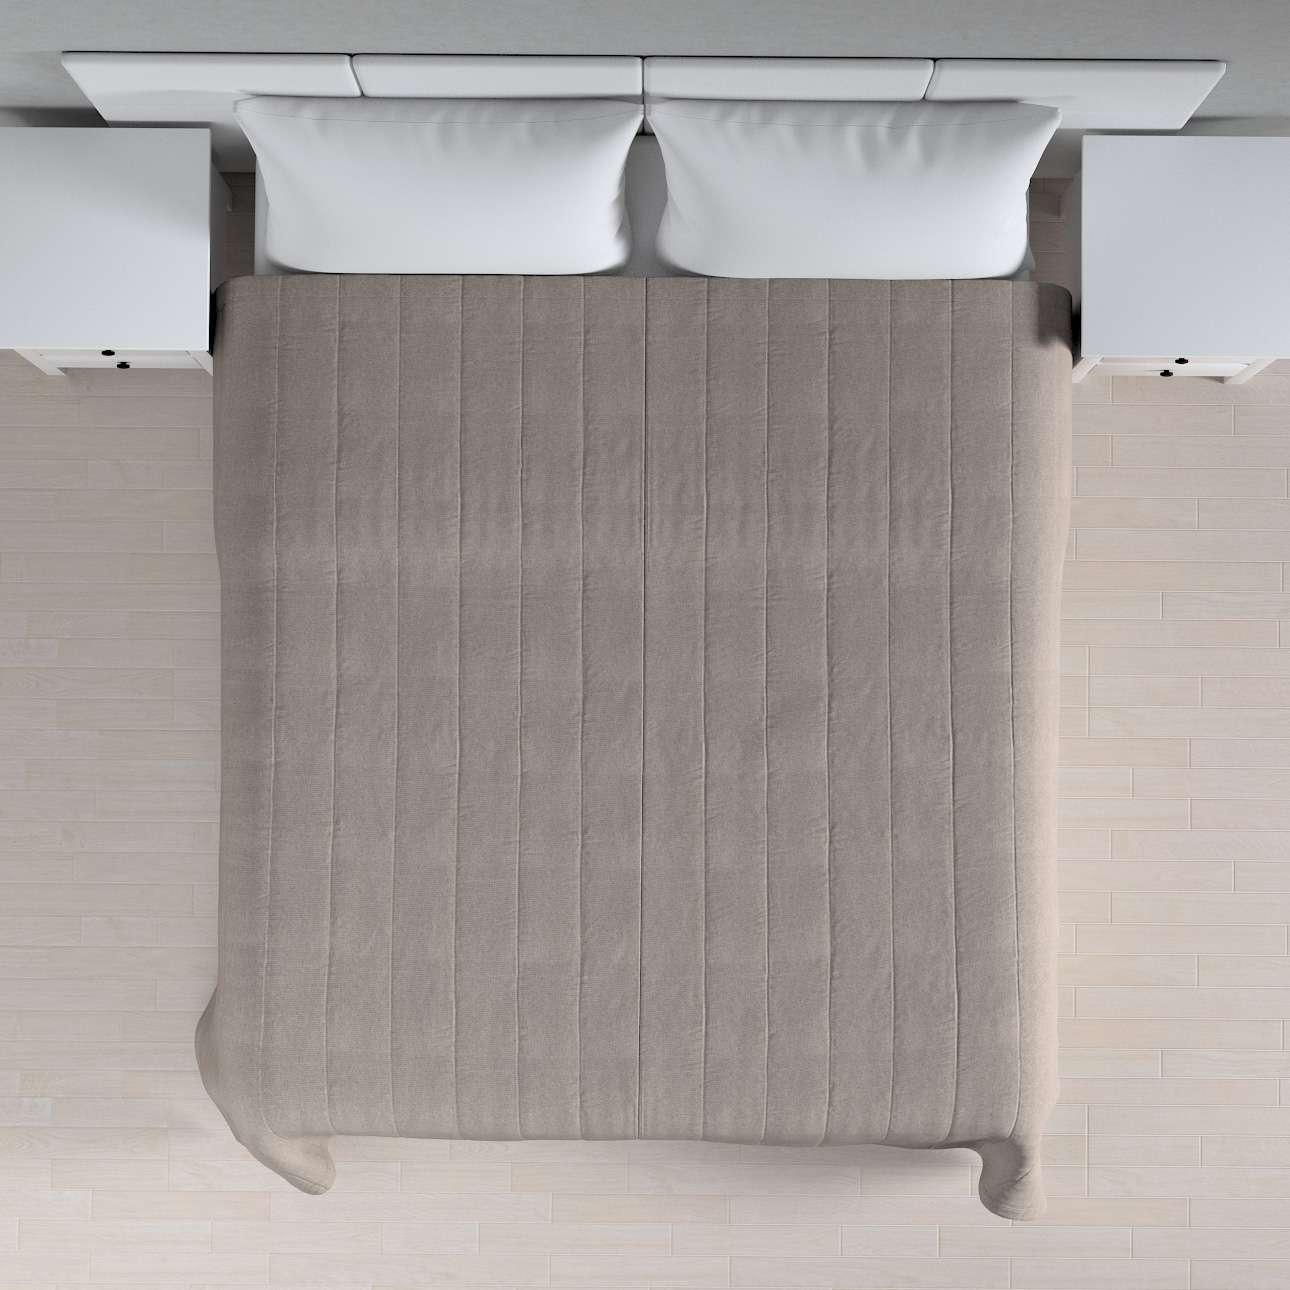 Einfacher Überwurf 260 x 210 cm von der Kollektion Etna, Stoff: 705-09